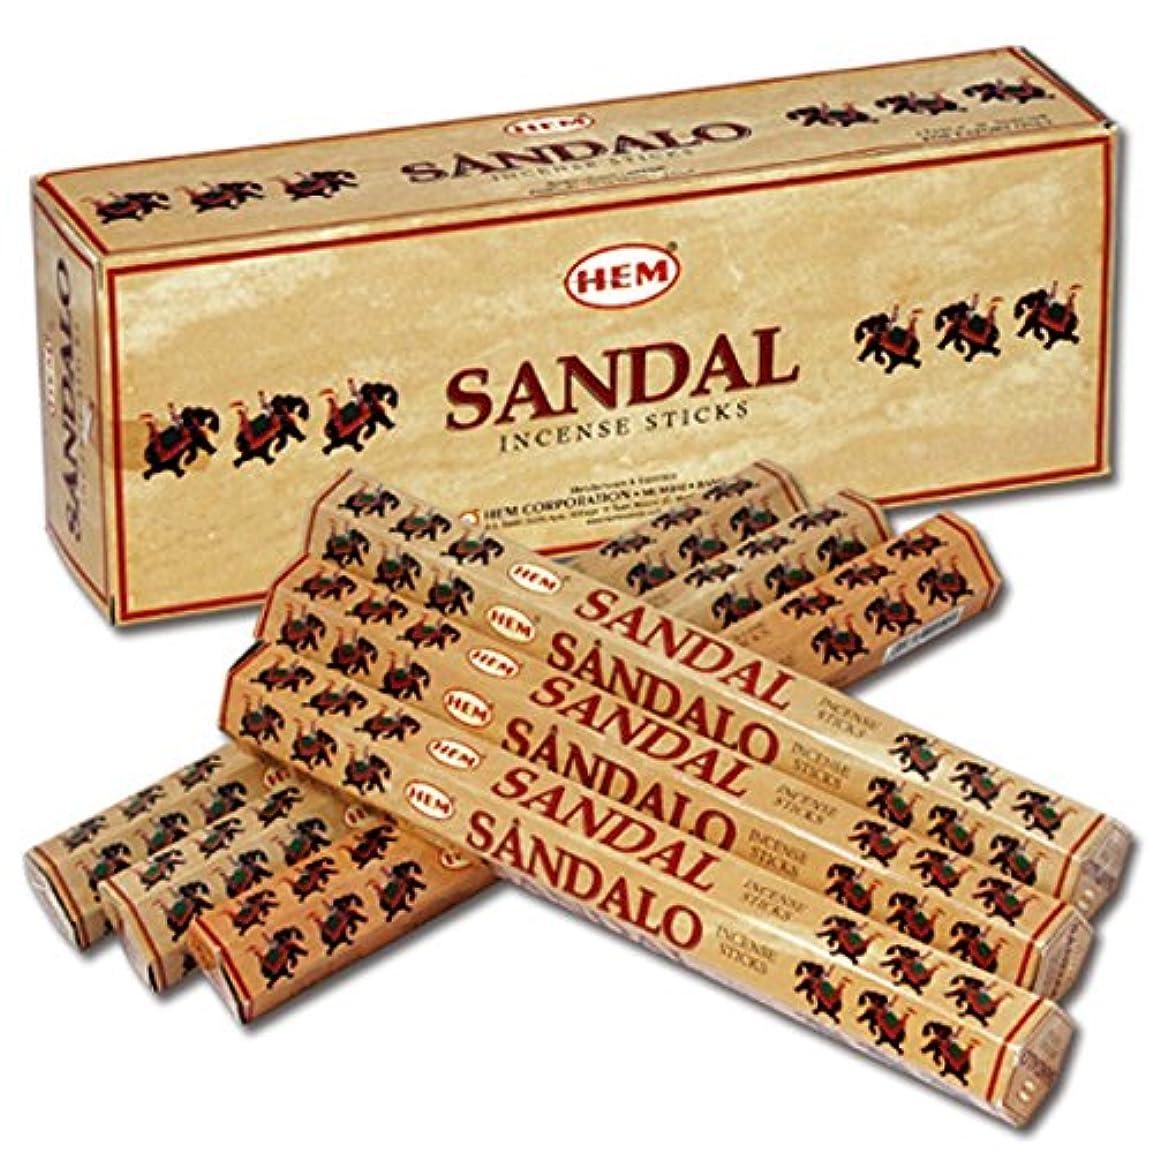 パウダー先史時代の冒険家HEM(ヘム) サンダル SANDAL スティックタイプ お香 6筒 セット [並行輸入品]